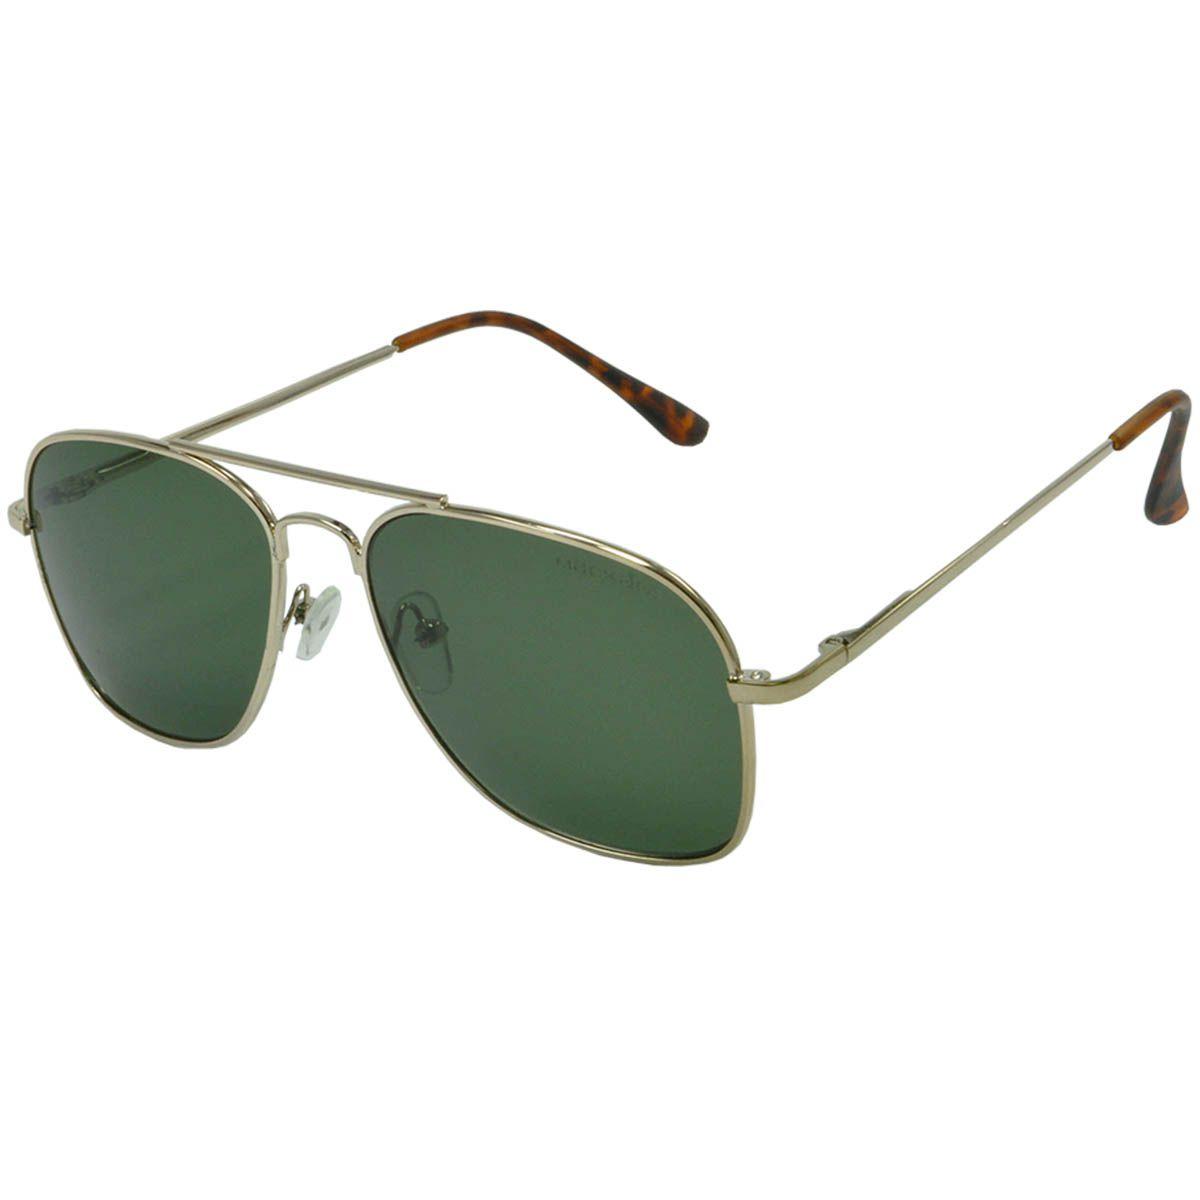 Óculos de Sol Unissex Mackage MK2070 Dourado